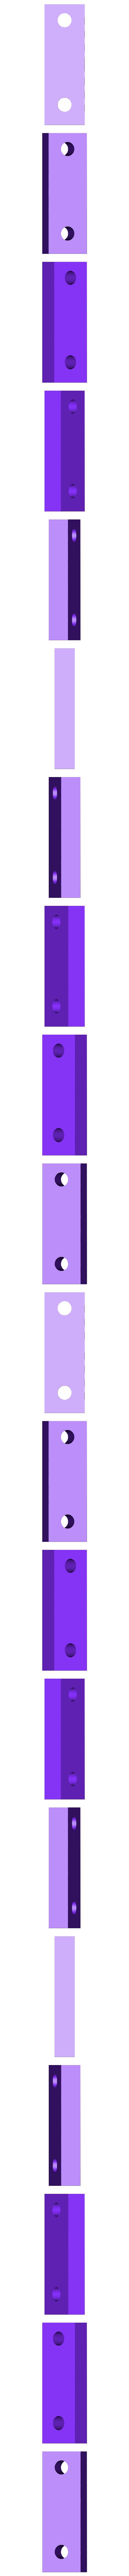 end-2.stl Télécharger fichier STL gratuit Ceinture simple Printrbot axe X • Modèle à imprimer en 3D, Ghashrod